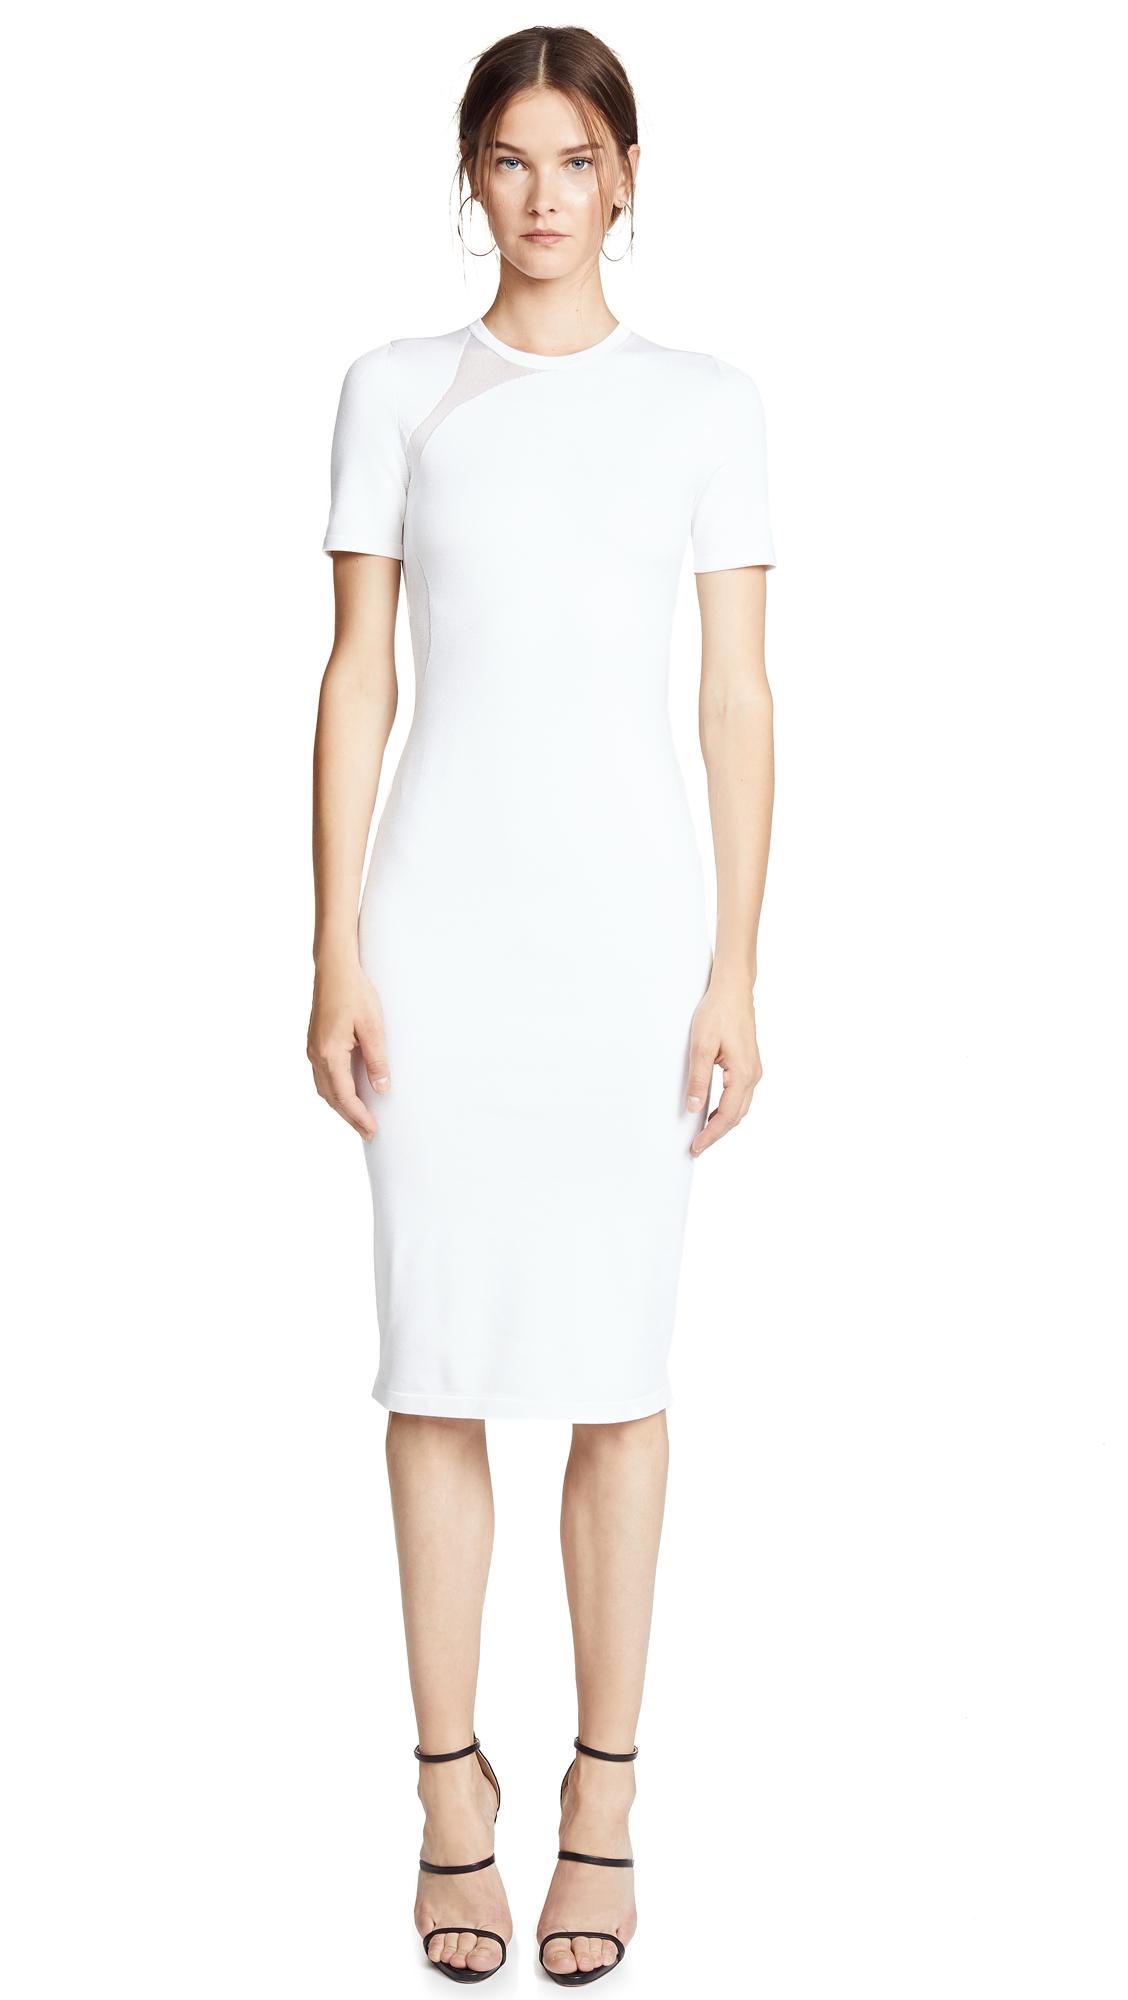 Cushnie Et Ochs White Gala Mesh Panel Dress In White/White